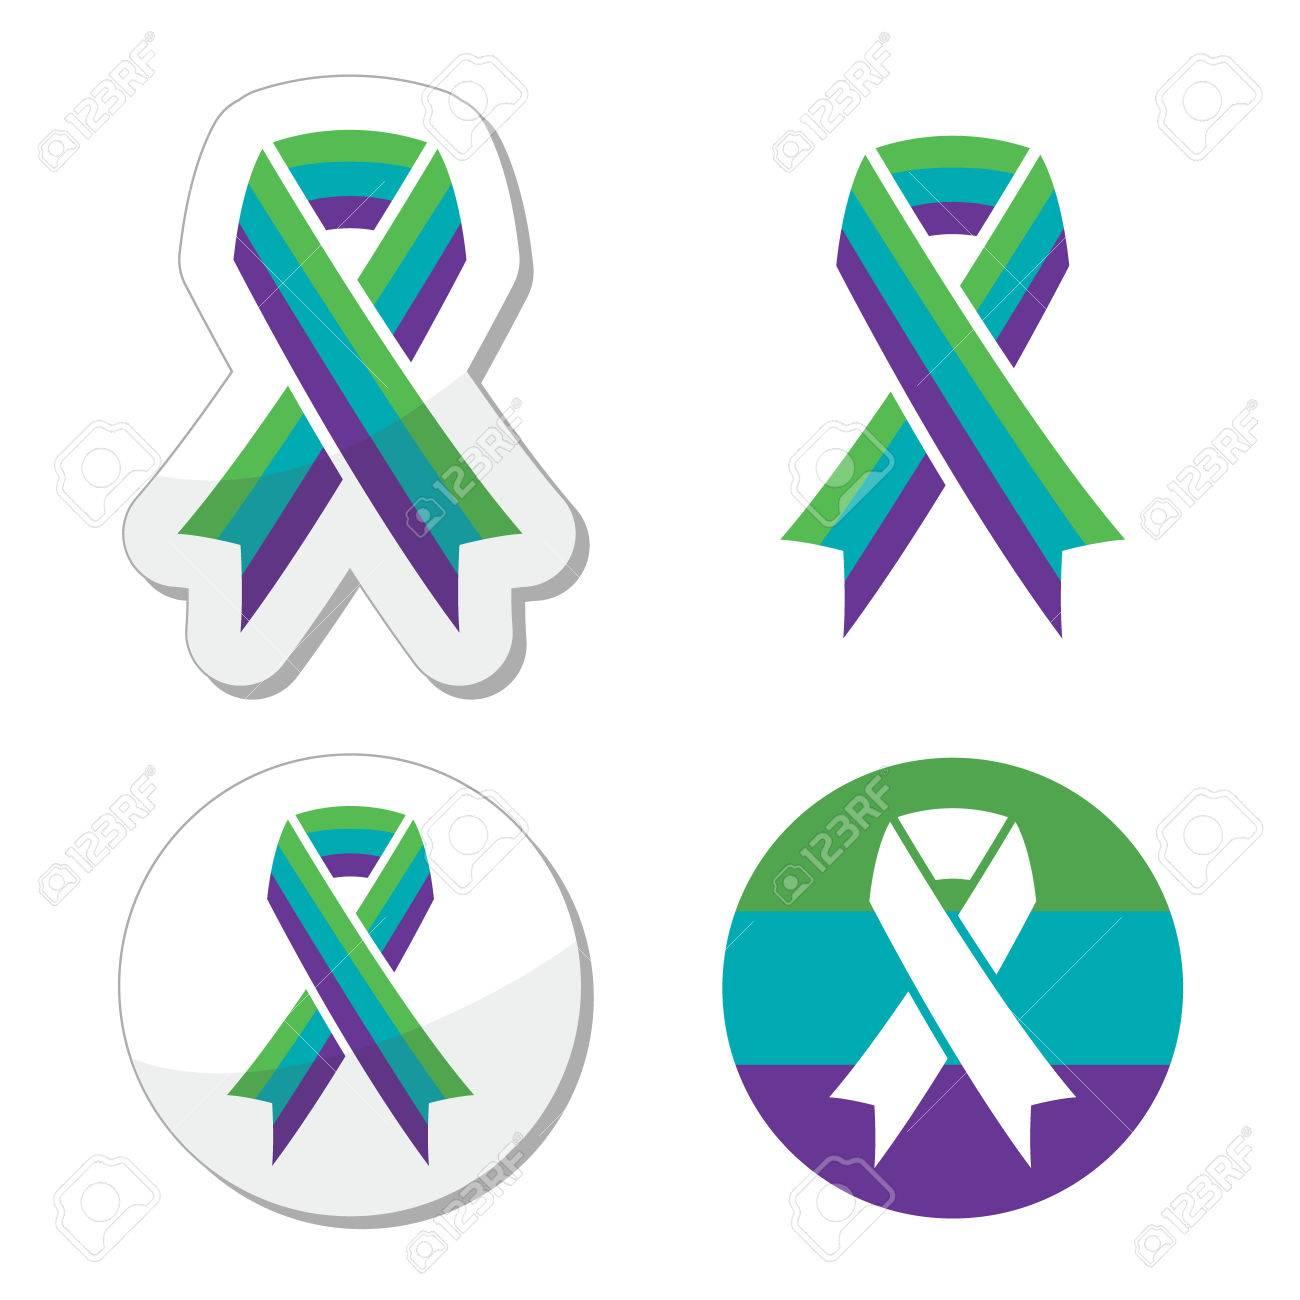 Medullary Sponge Kidney (MSK) awareness ribbon icons set - 35031743